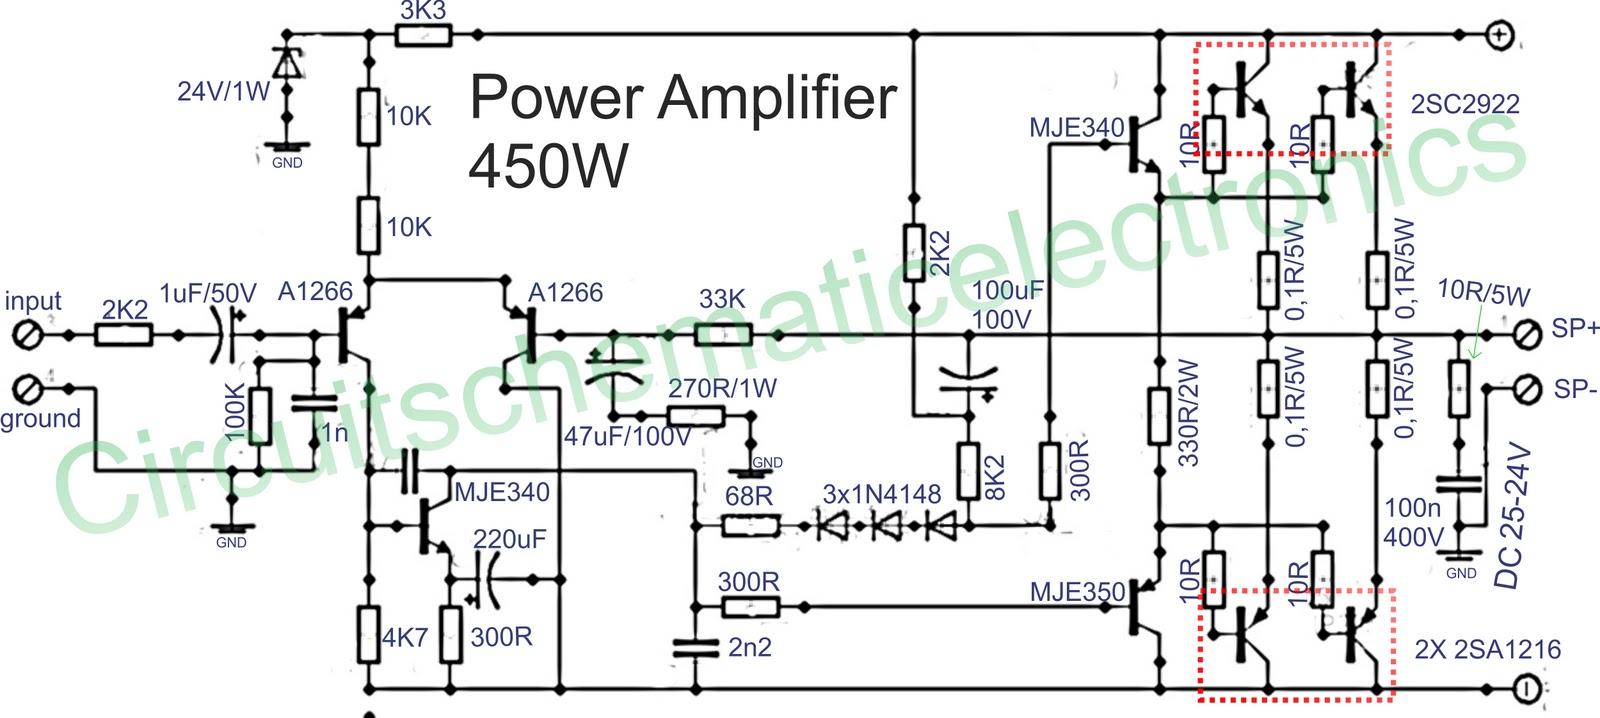 450W Power amplifier Power Amplifier